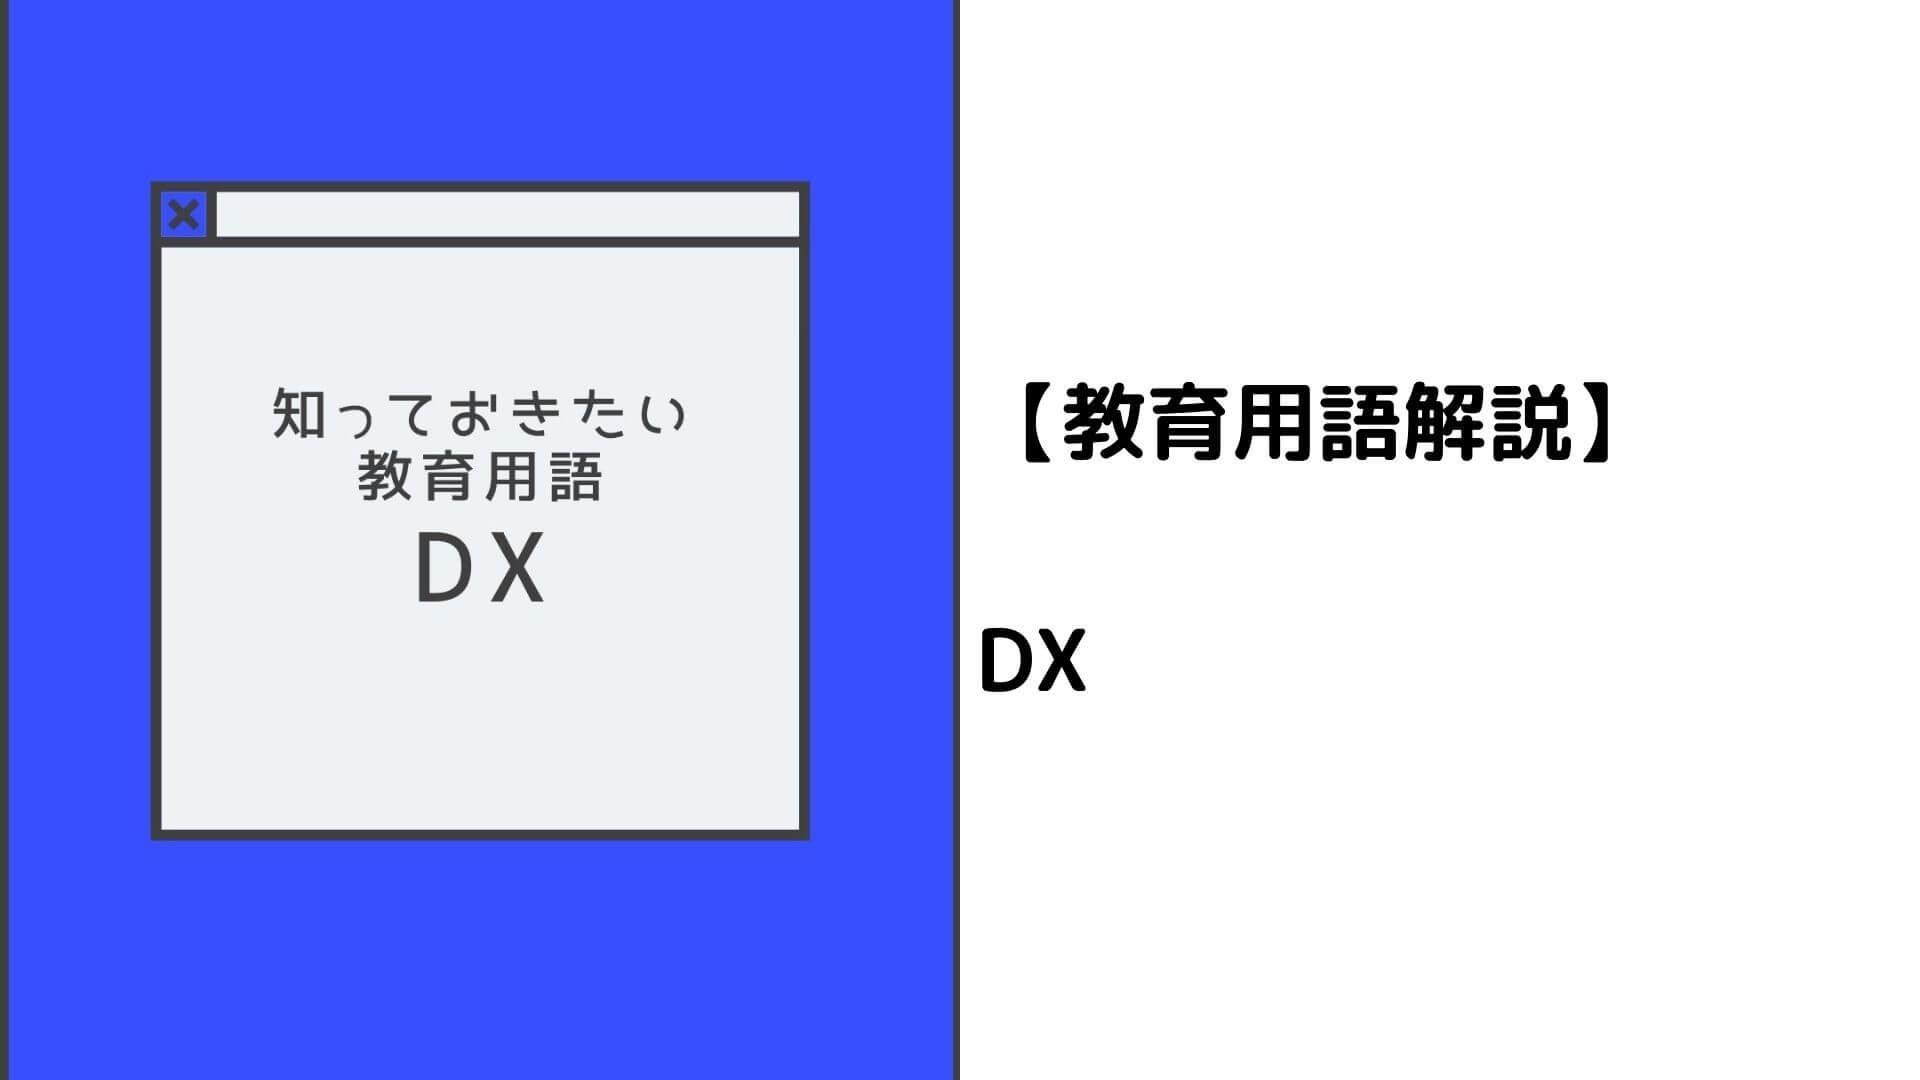 知っておきたい教育用語:DX